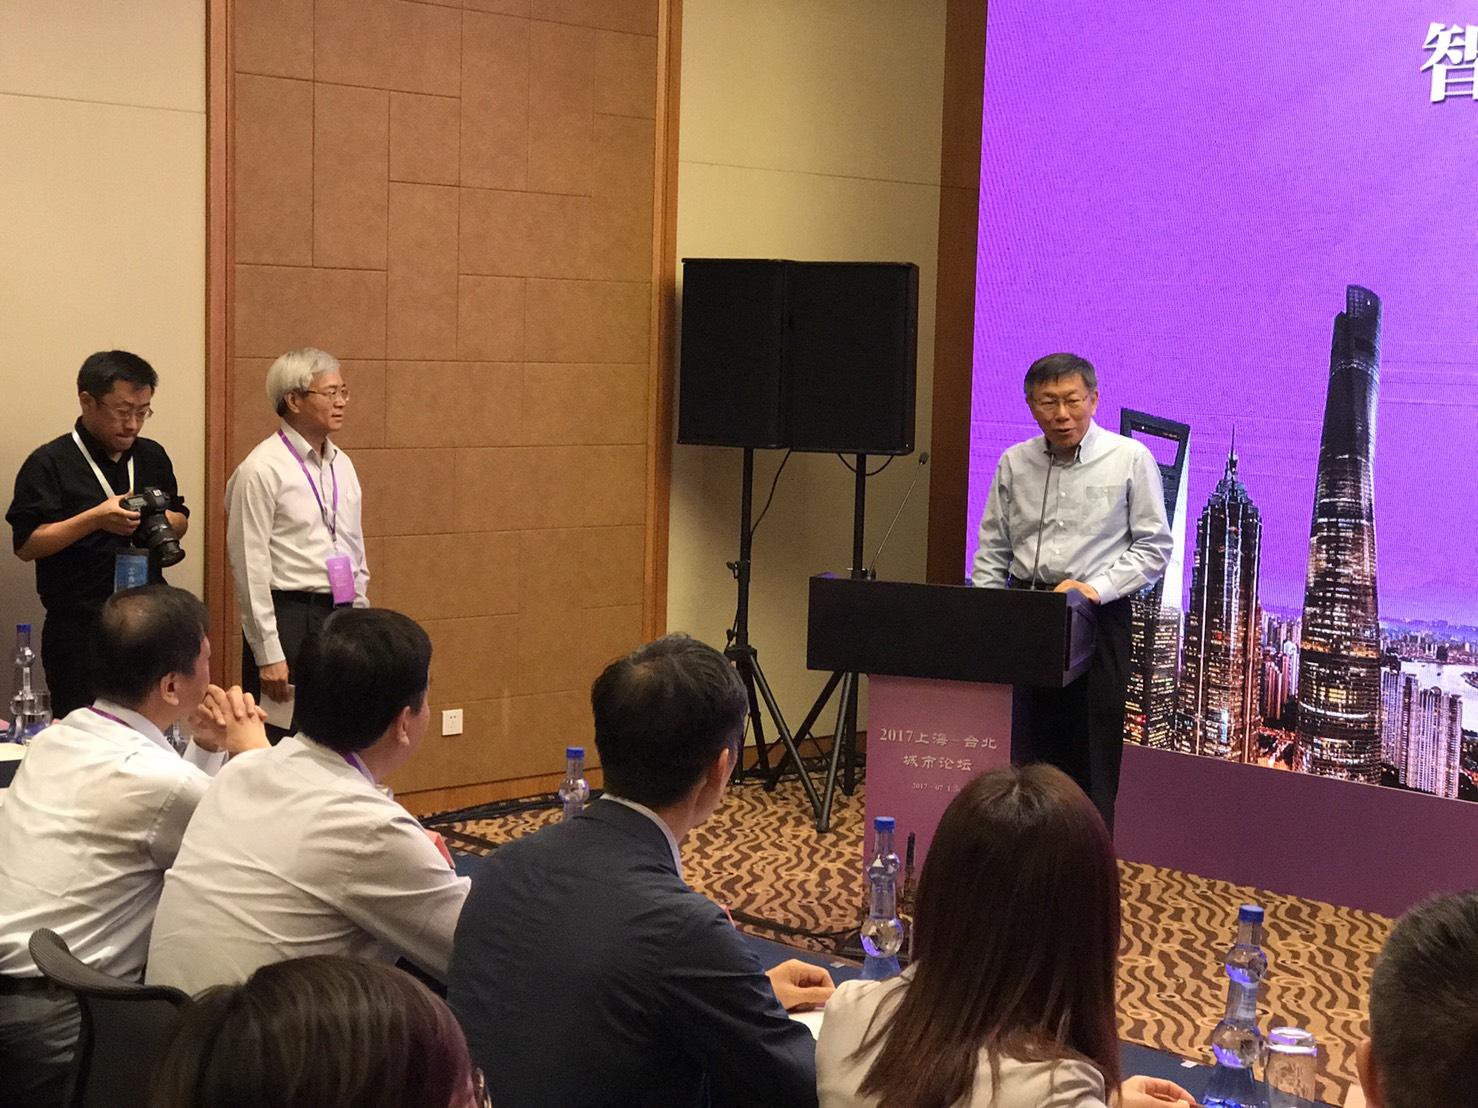 圖1:台北市長柯文哲蒞臨「智慧城市與民生服務分論壇」